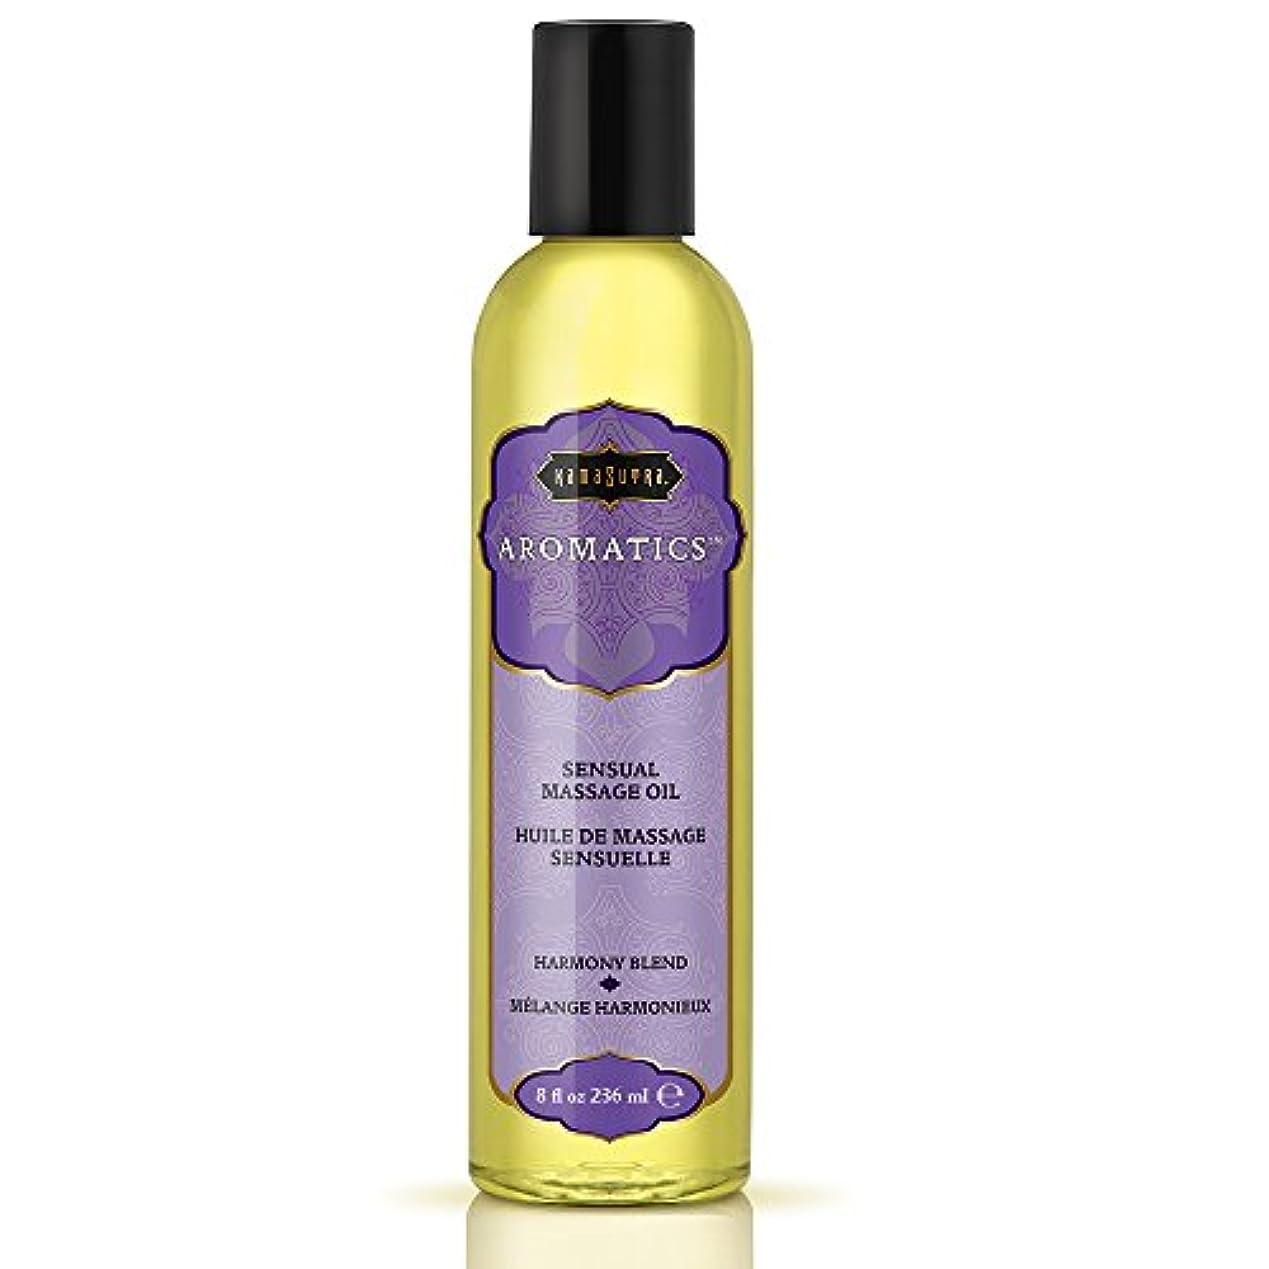 会議請求書暖かさAromatic Massage Oil Harmony Blend 8oz by Kama Sutra